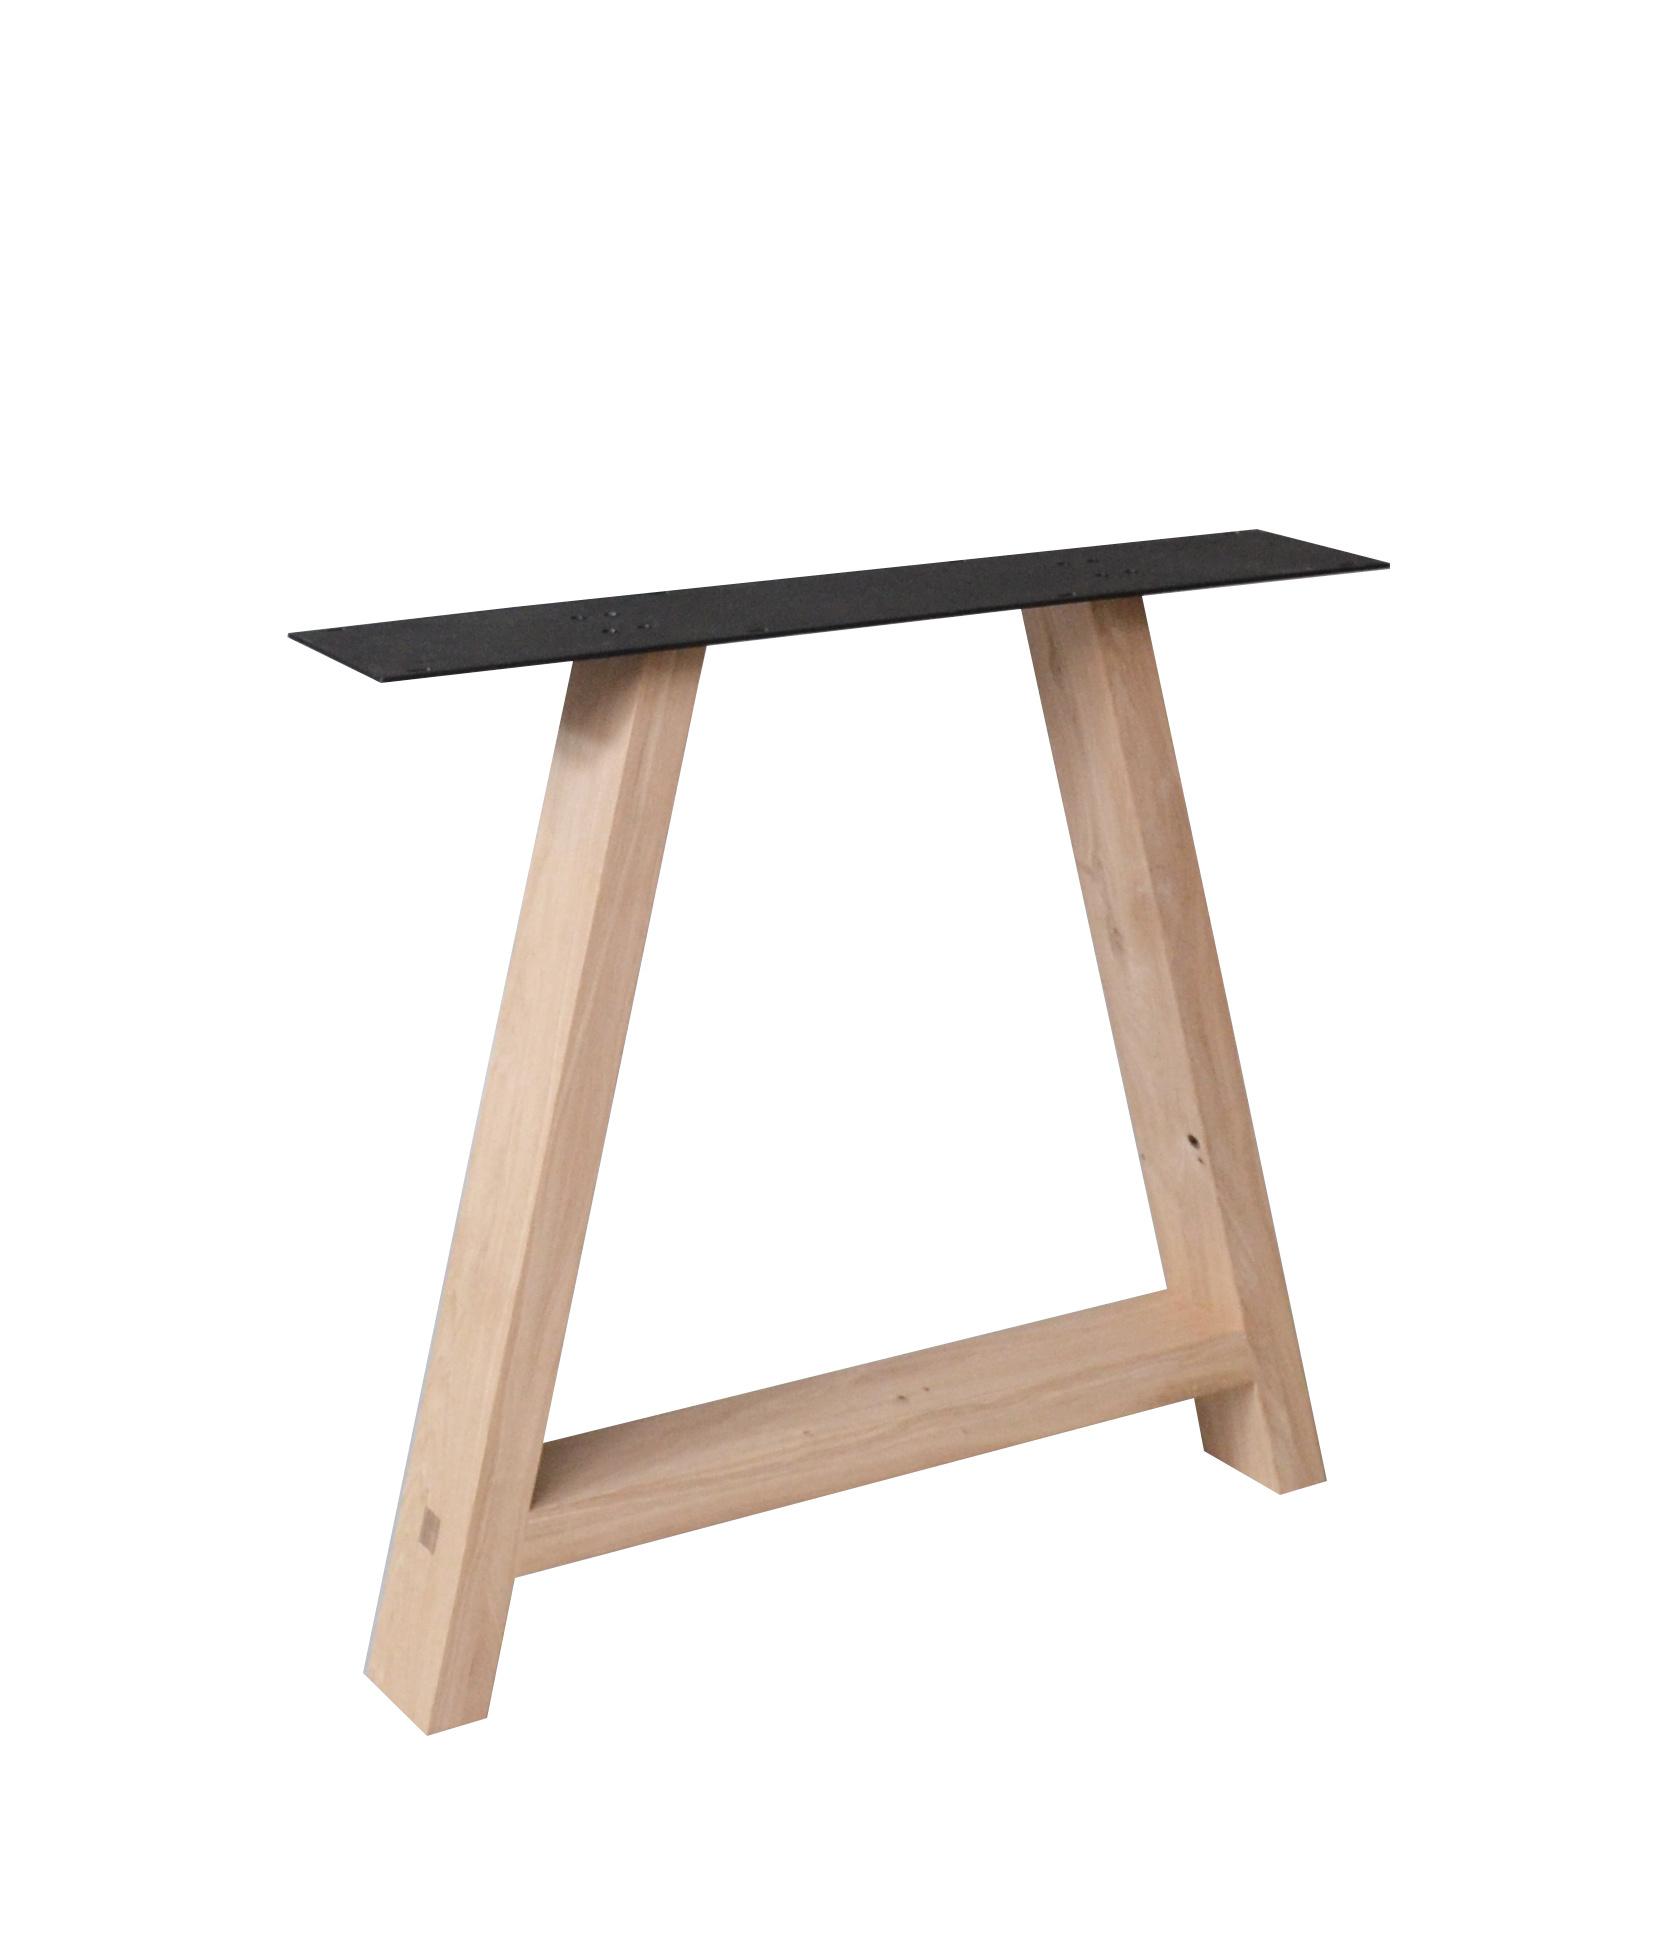 Eiken A-tafelpoten ELEGANT (SET - 2 stuks) 4x10 cm - 78 cm breed - 72 cm hoog - U-poot van rustiek eikenhout